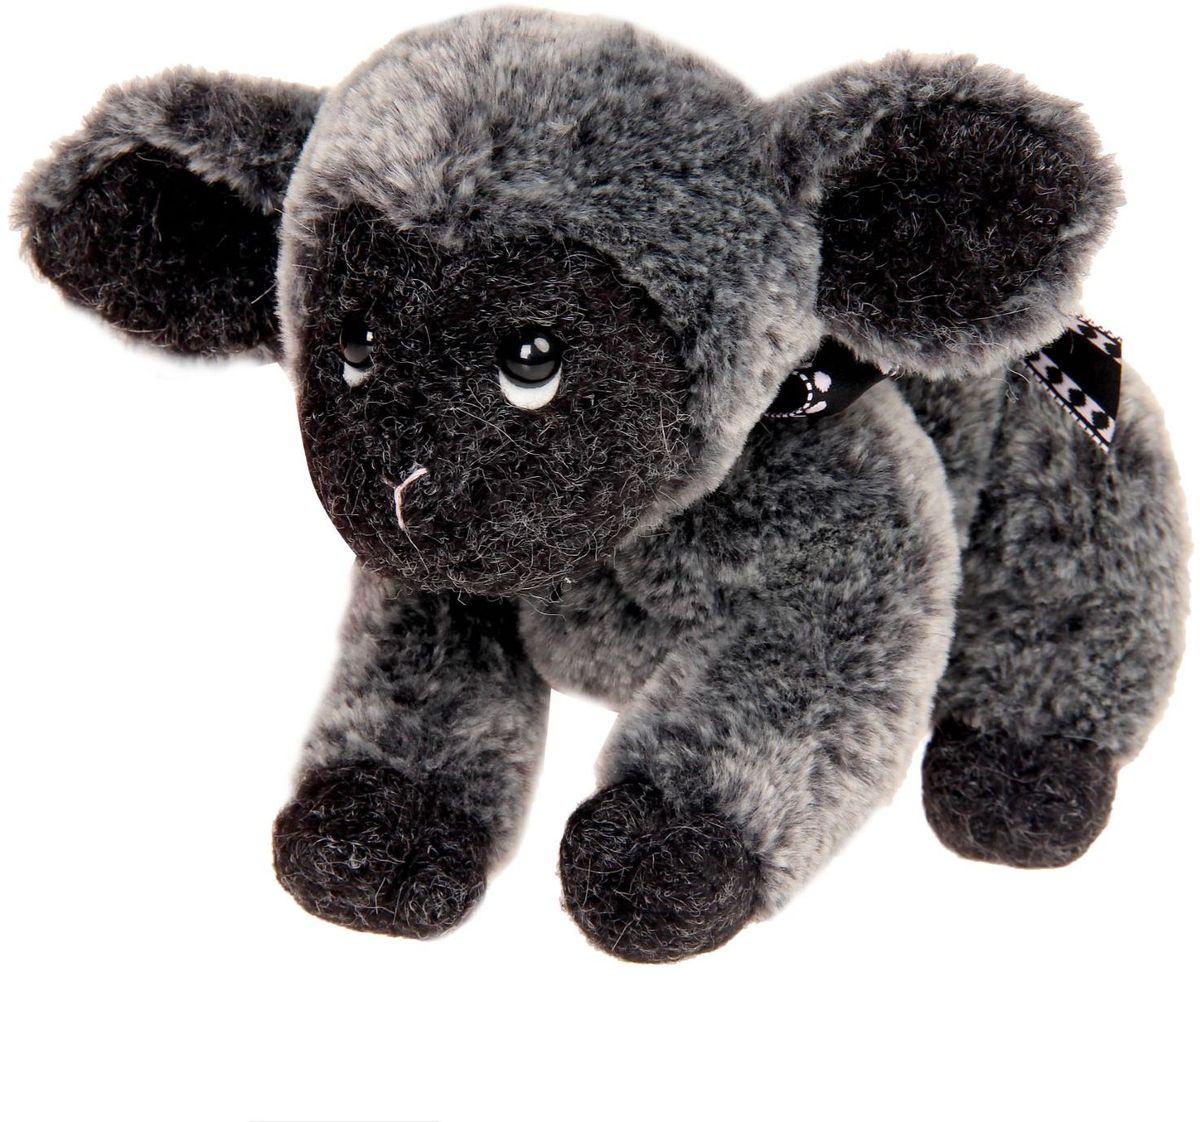 Купить Gund Мягкая игрушка Овечка Amalya Black 12, 5 см 2245476, Сима-ленд, Мягкие игрушки